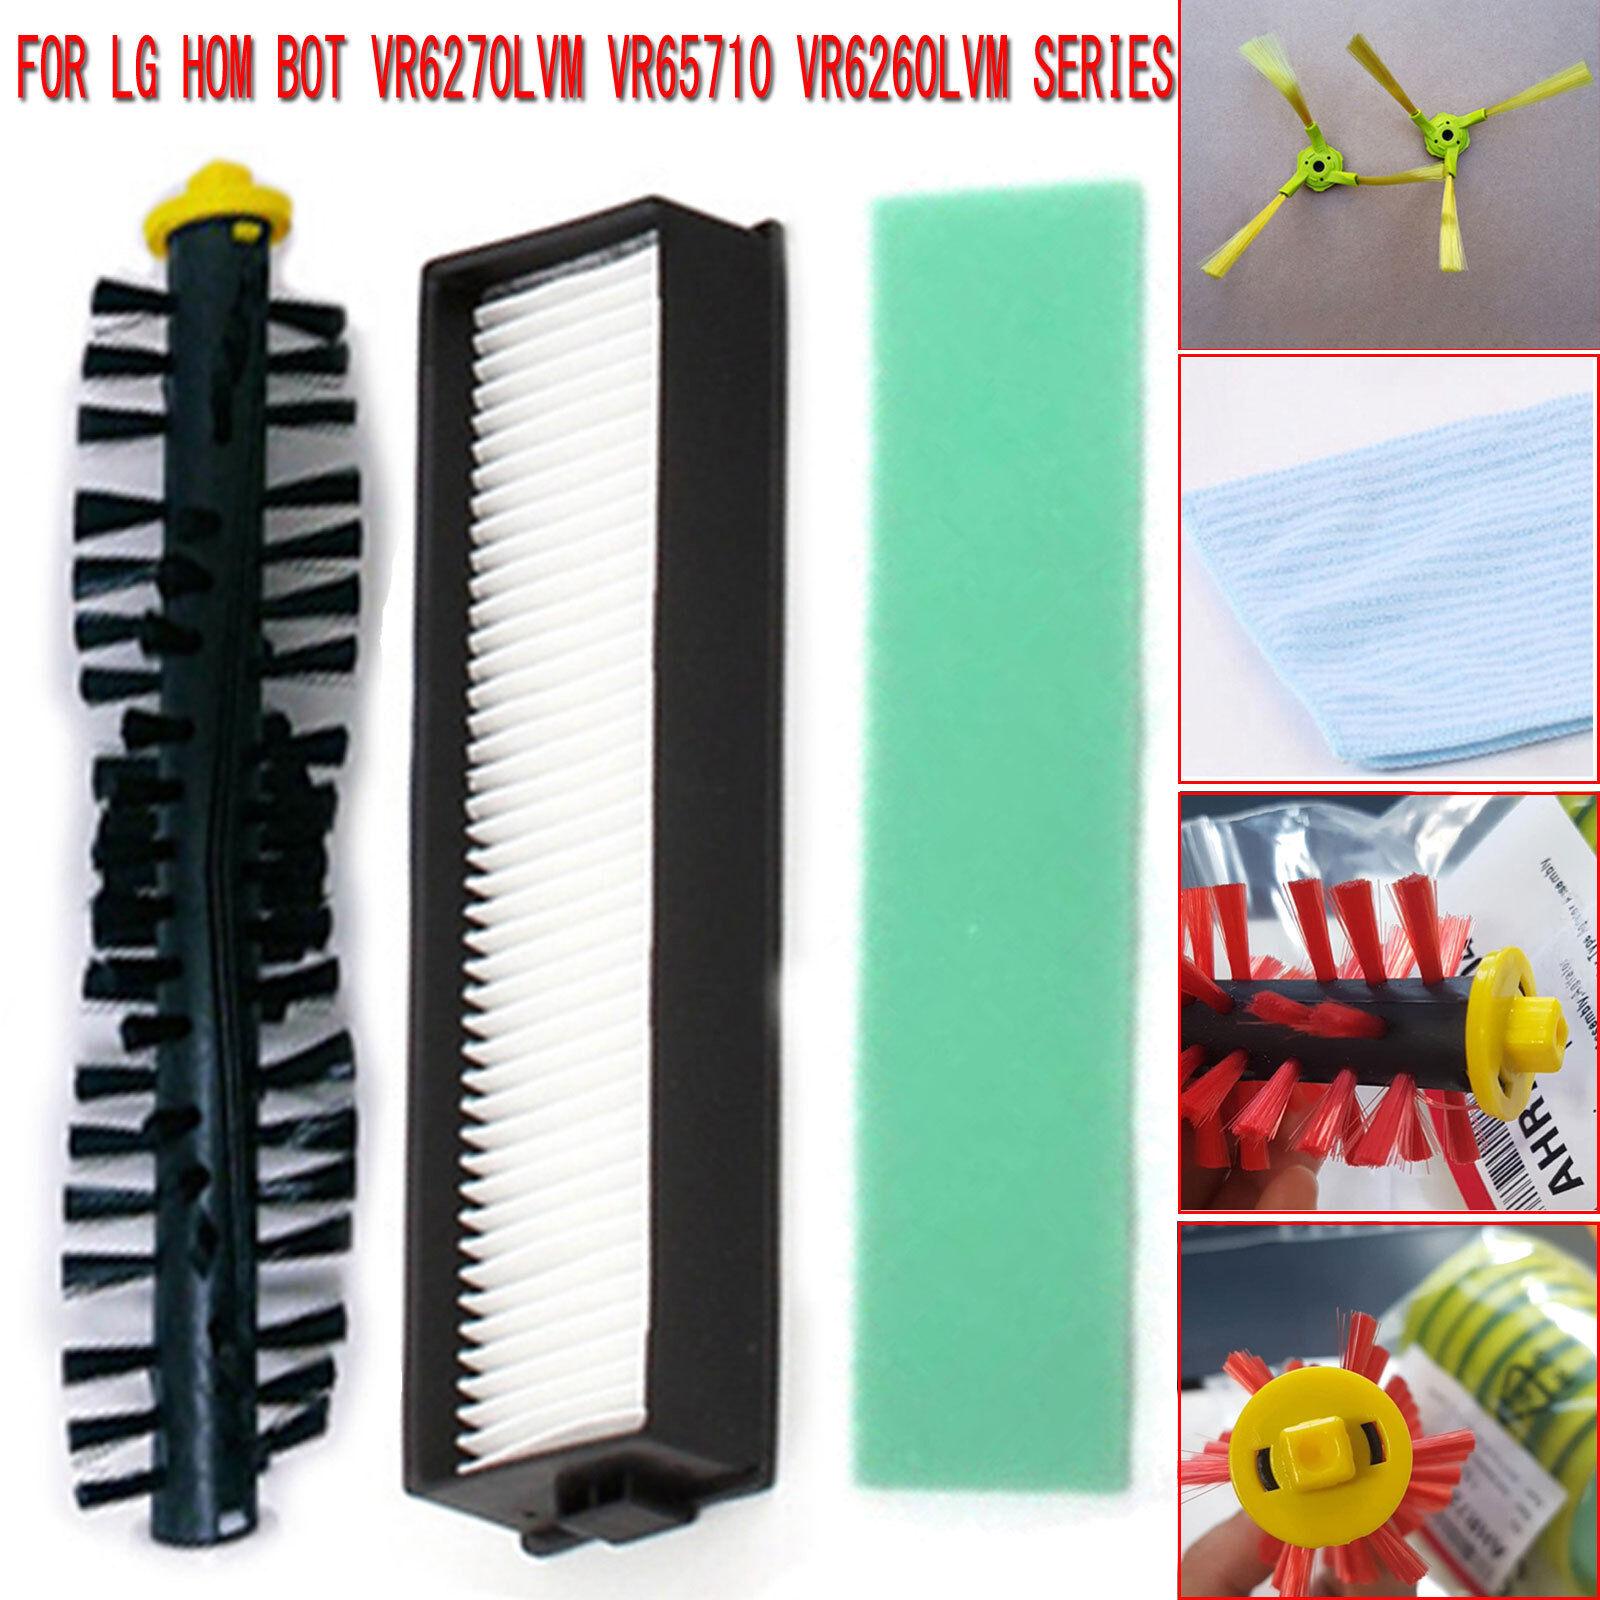 Main//Side Brush Mop Cloth Filters Set for LG Hom Bot VR6270LVM VR65710 VR6260LVM